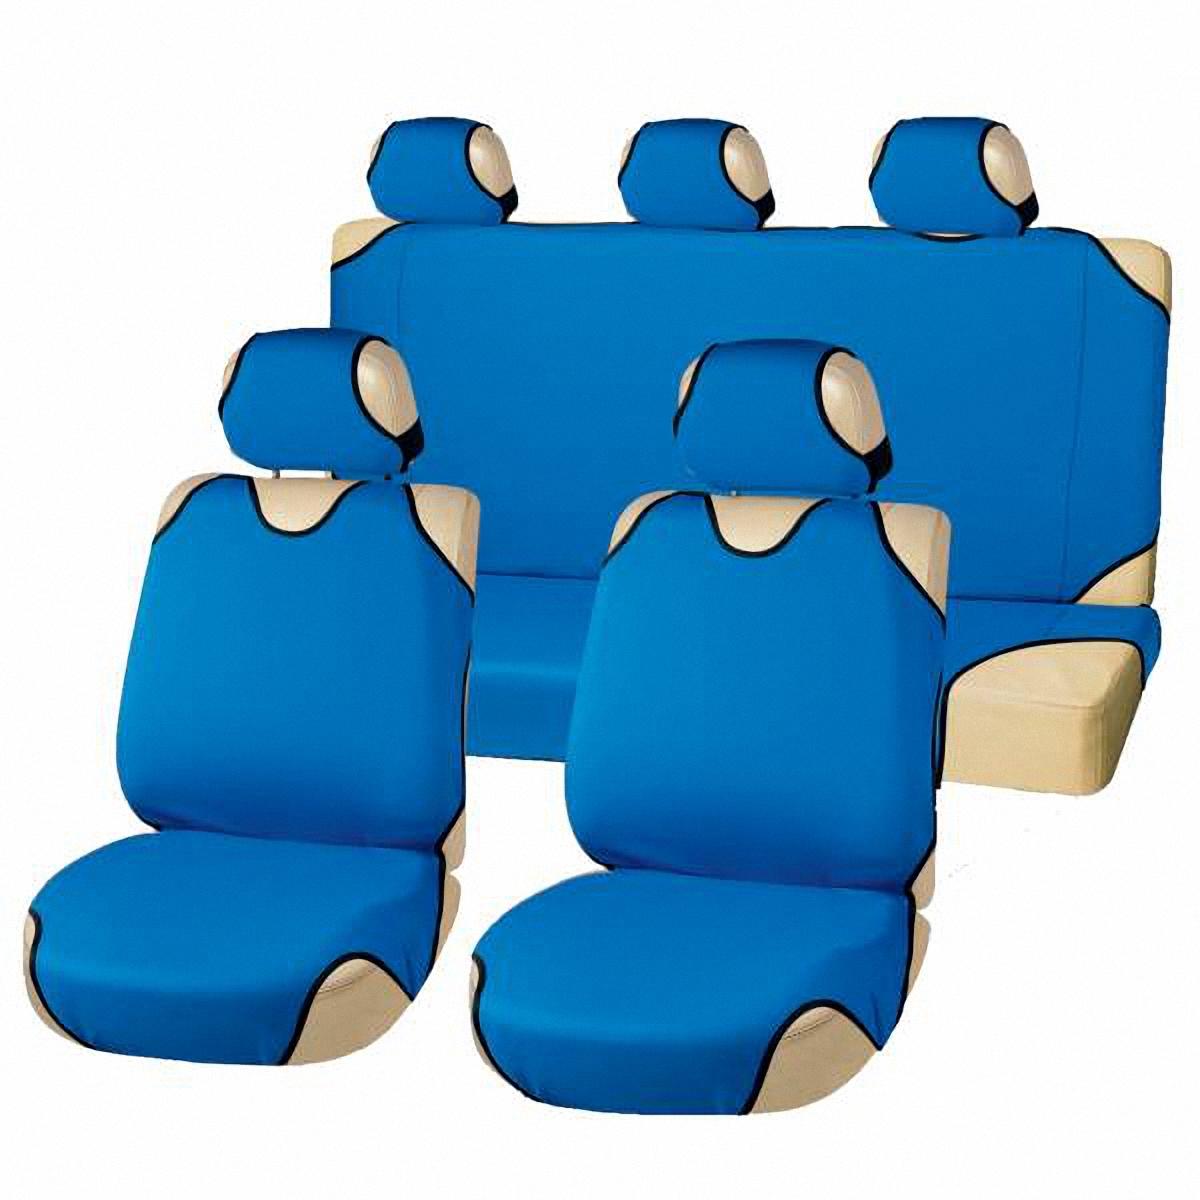 Чехлы-майки автомобильные Skyway. S01303008S01303008Комплект универсальных автомобильных чехлов Skyway изготовлен из полиэстера. Благодаря многослойной структуре материала изделие точно повторяет контур сидений. Конструкция всех предметов комплекта разработана специально для их максимально удобной и лёгкой установки на сидения вашего автомобиля. Комплектация: Чехлы на подголовники - 5 шт. Чехол-майка на передние сиденья - 2 шт. Чехол-майка на заднее сиденье - 1 шт. Чехол-майка на спинку заднего сиденья - 1 шт.